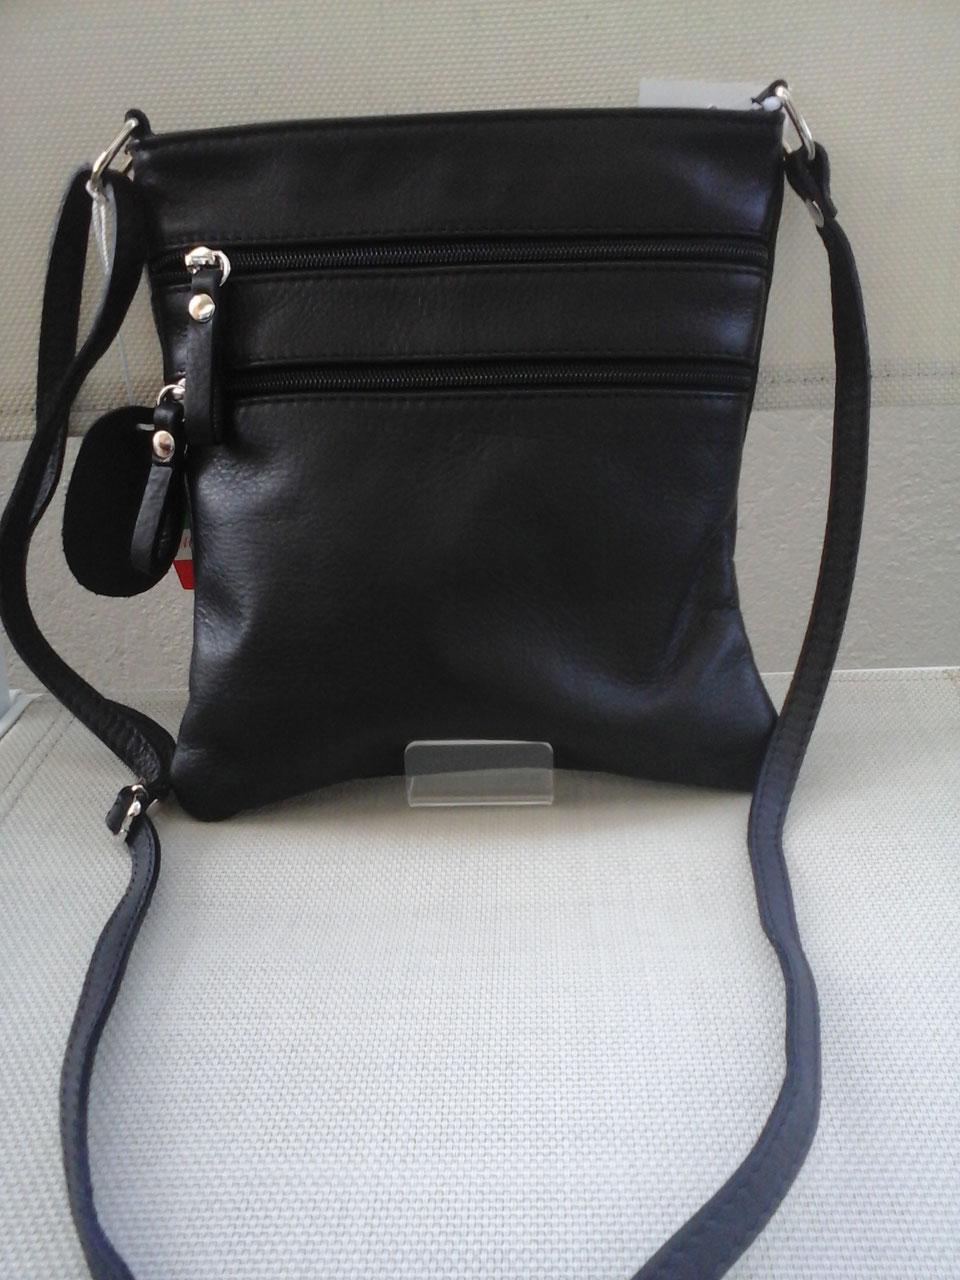 40ddb133d9 Sac pochette cuir italien 3 poches zippées extérieures